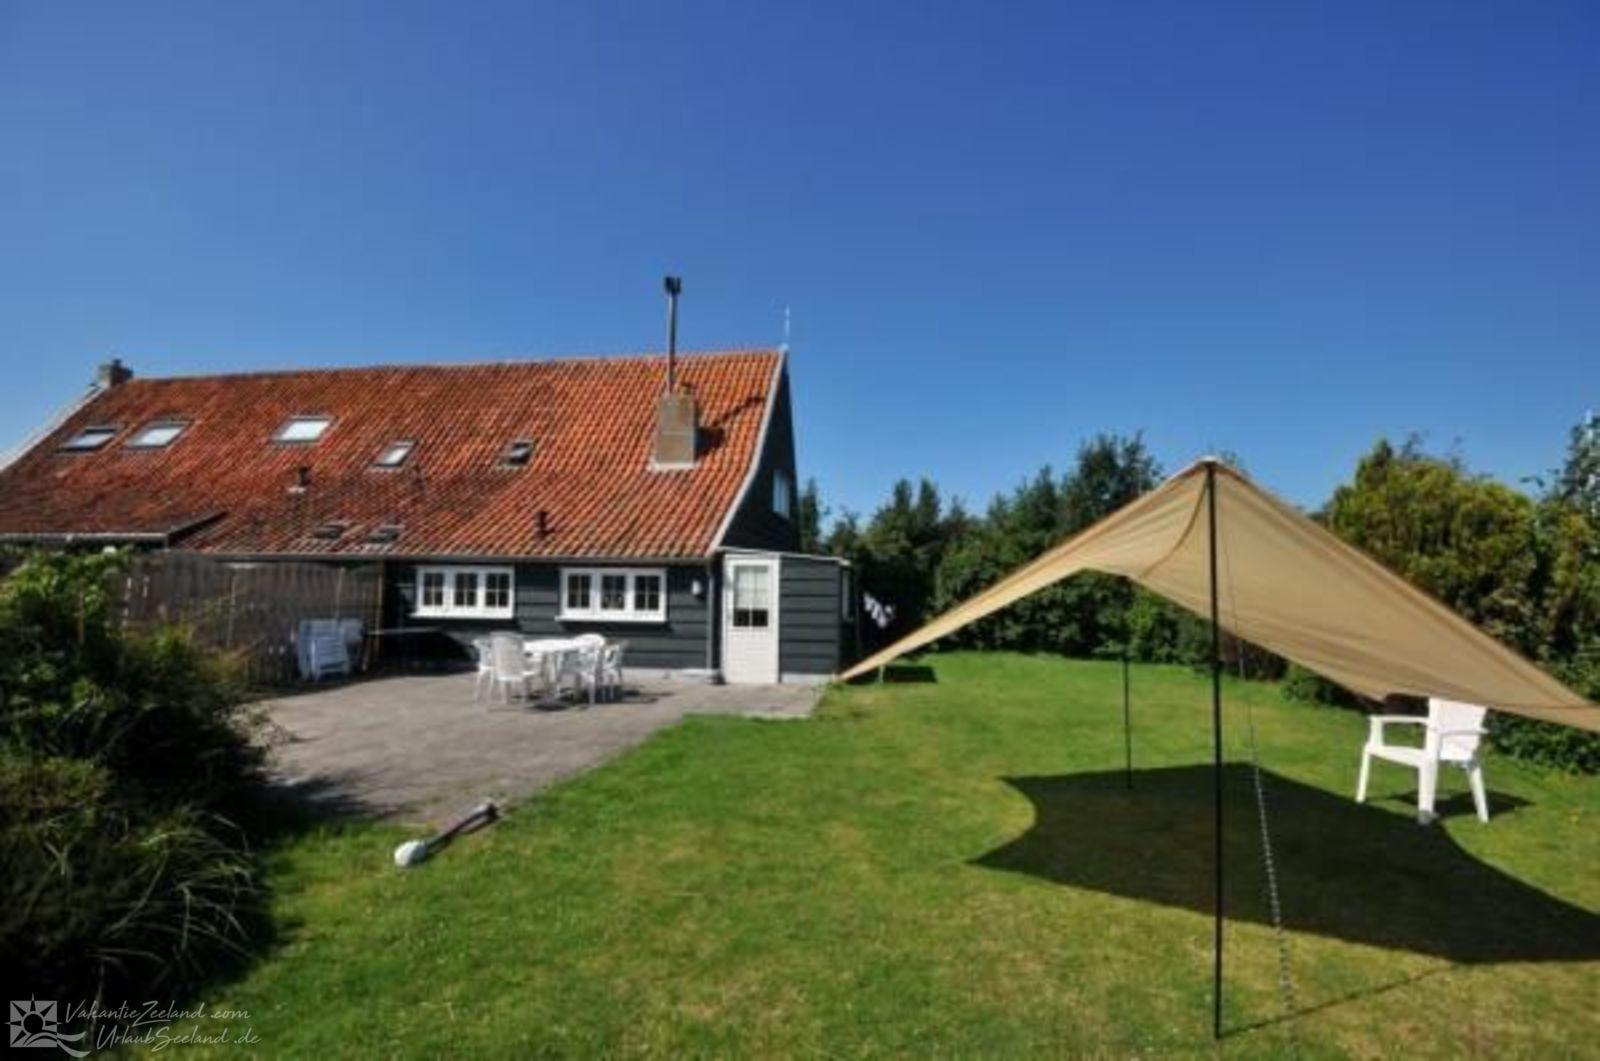 VZ530 Vakantiehuis Burgh-Haamstede